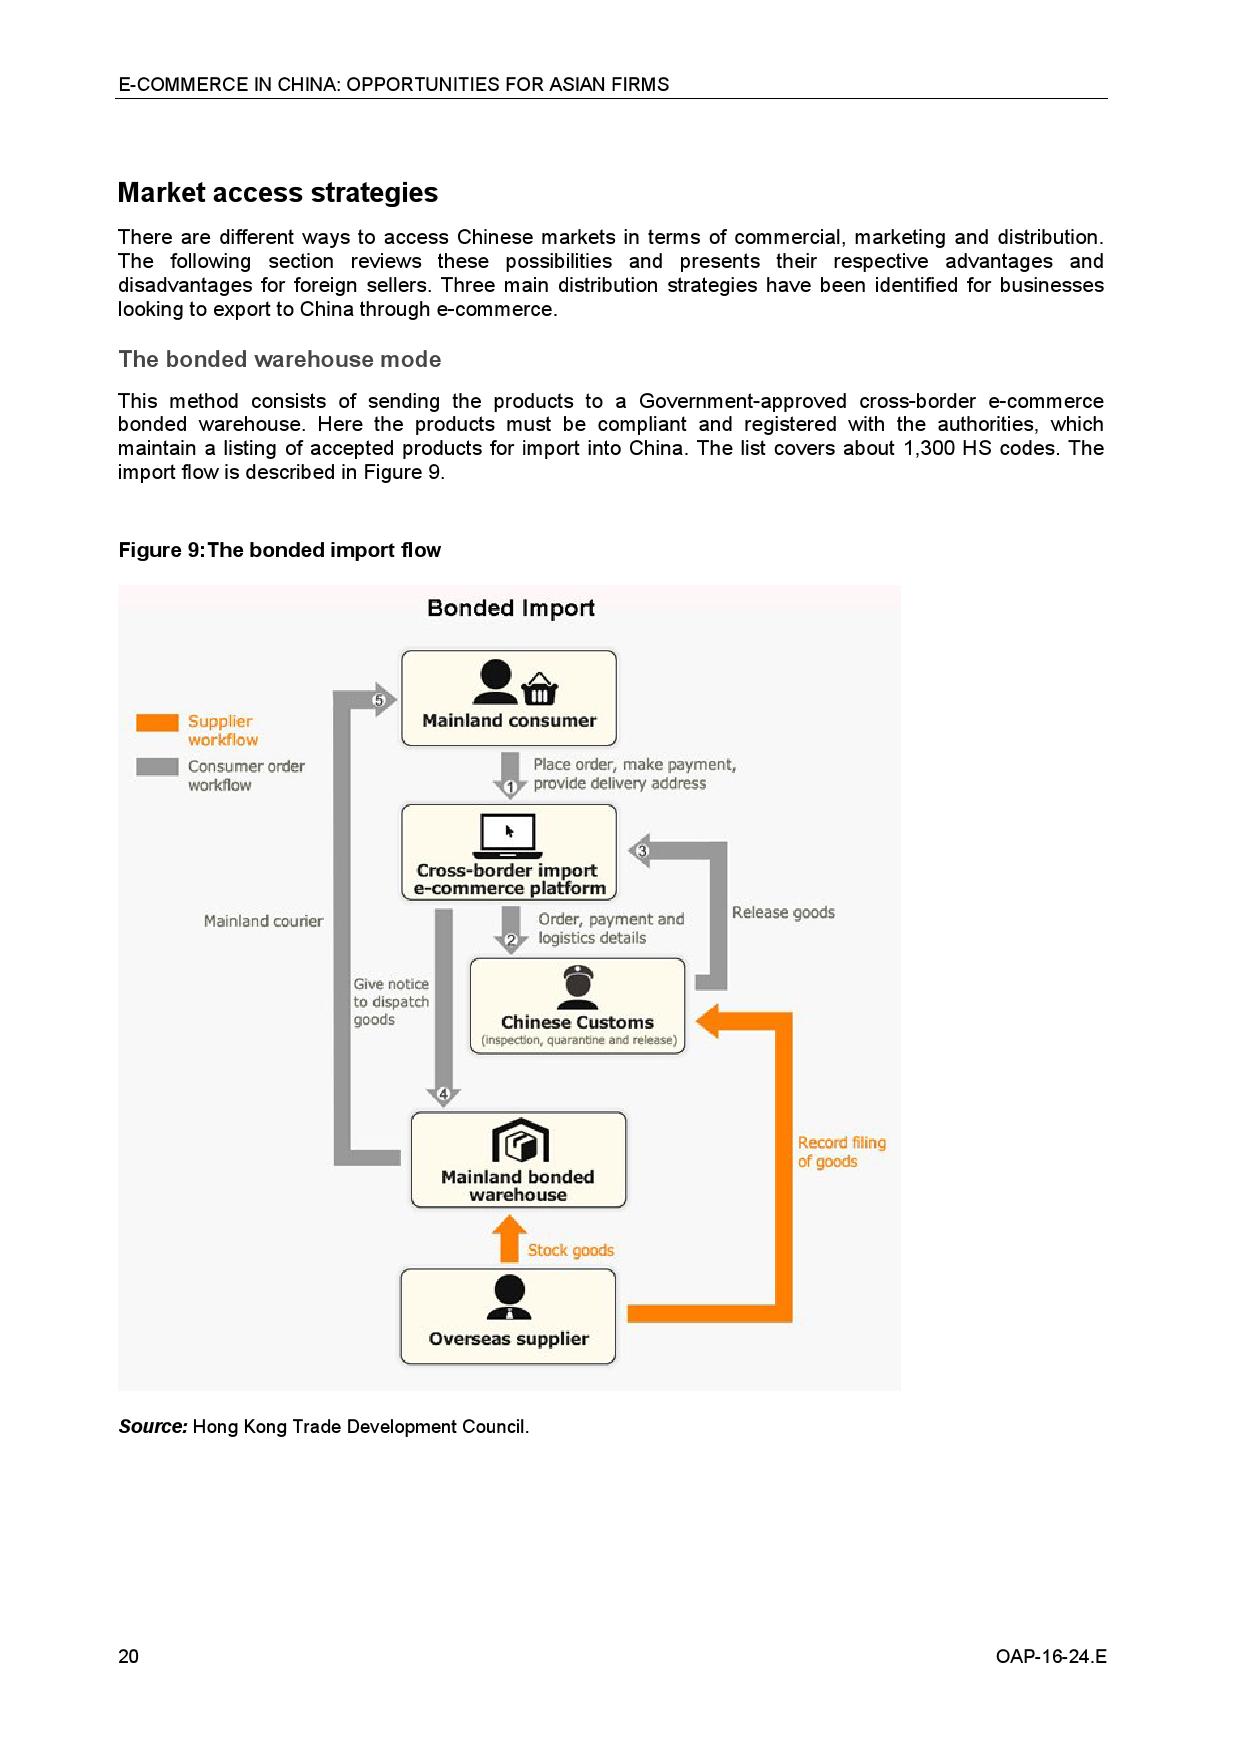 中国电子商务:对亚洲企业的机遇_000032